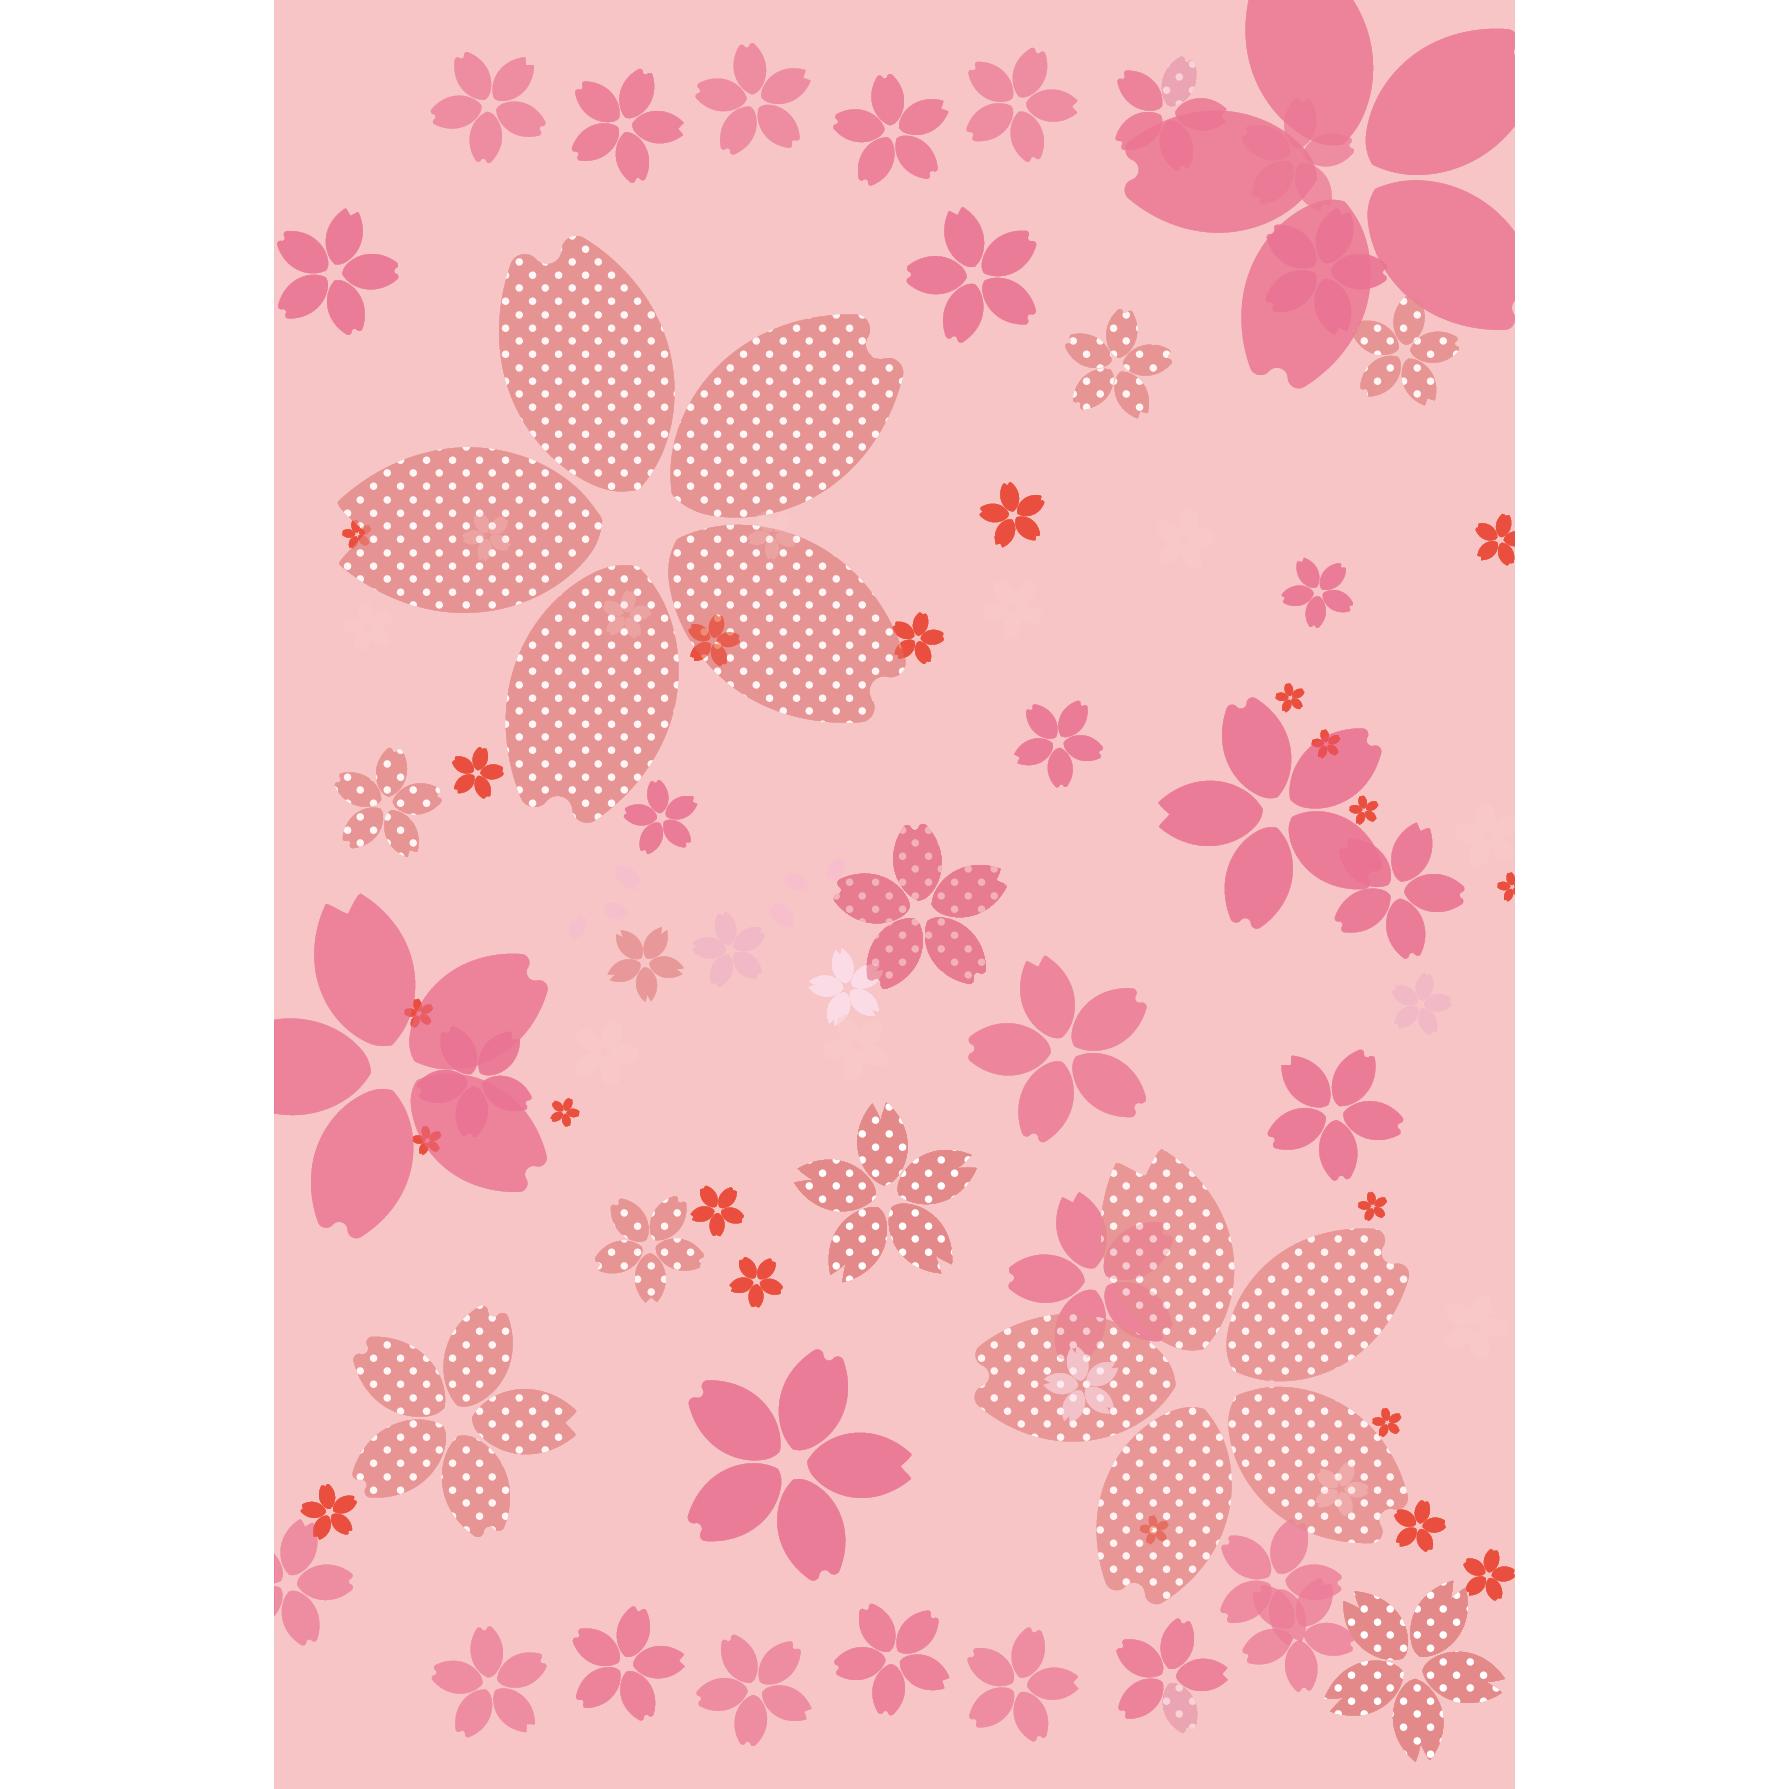 桜のイラストのかわいい 背景 a4サイズ イラスト | 商用フリー(無料)の